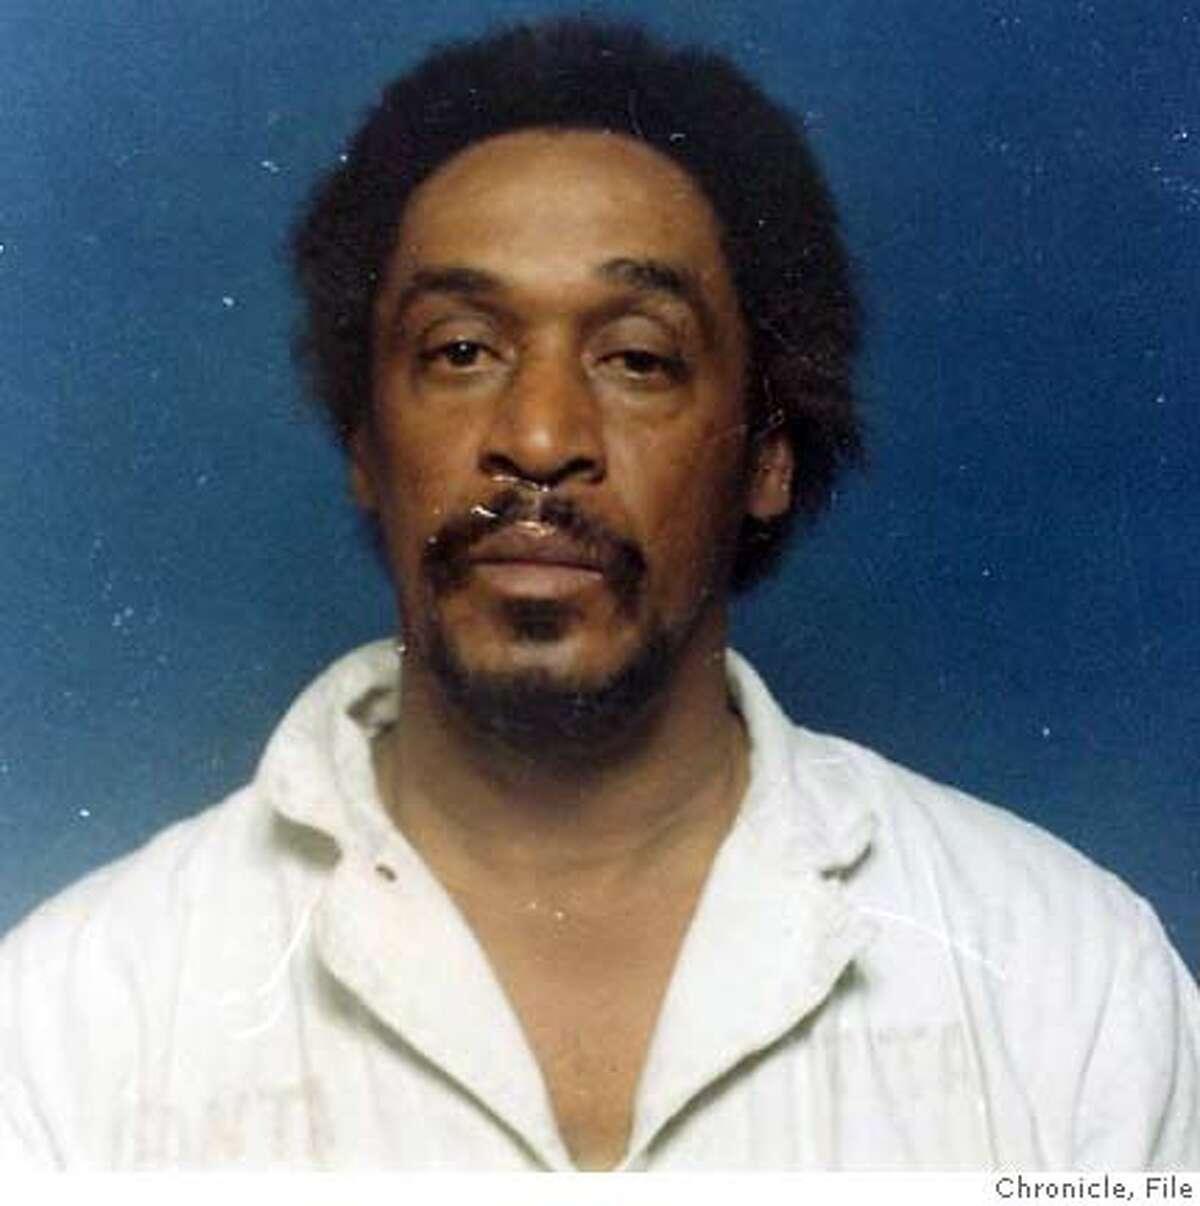 Mug of deceased Charles Jackson for coldcase30